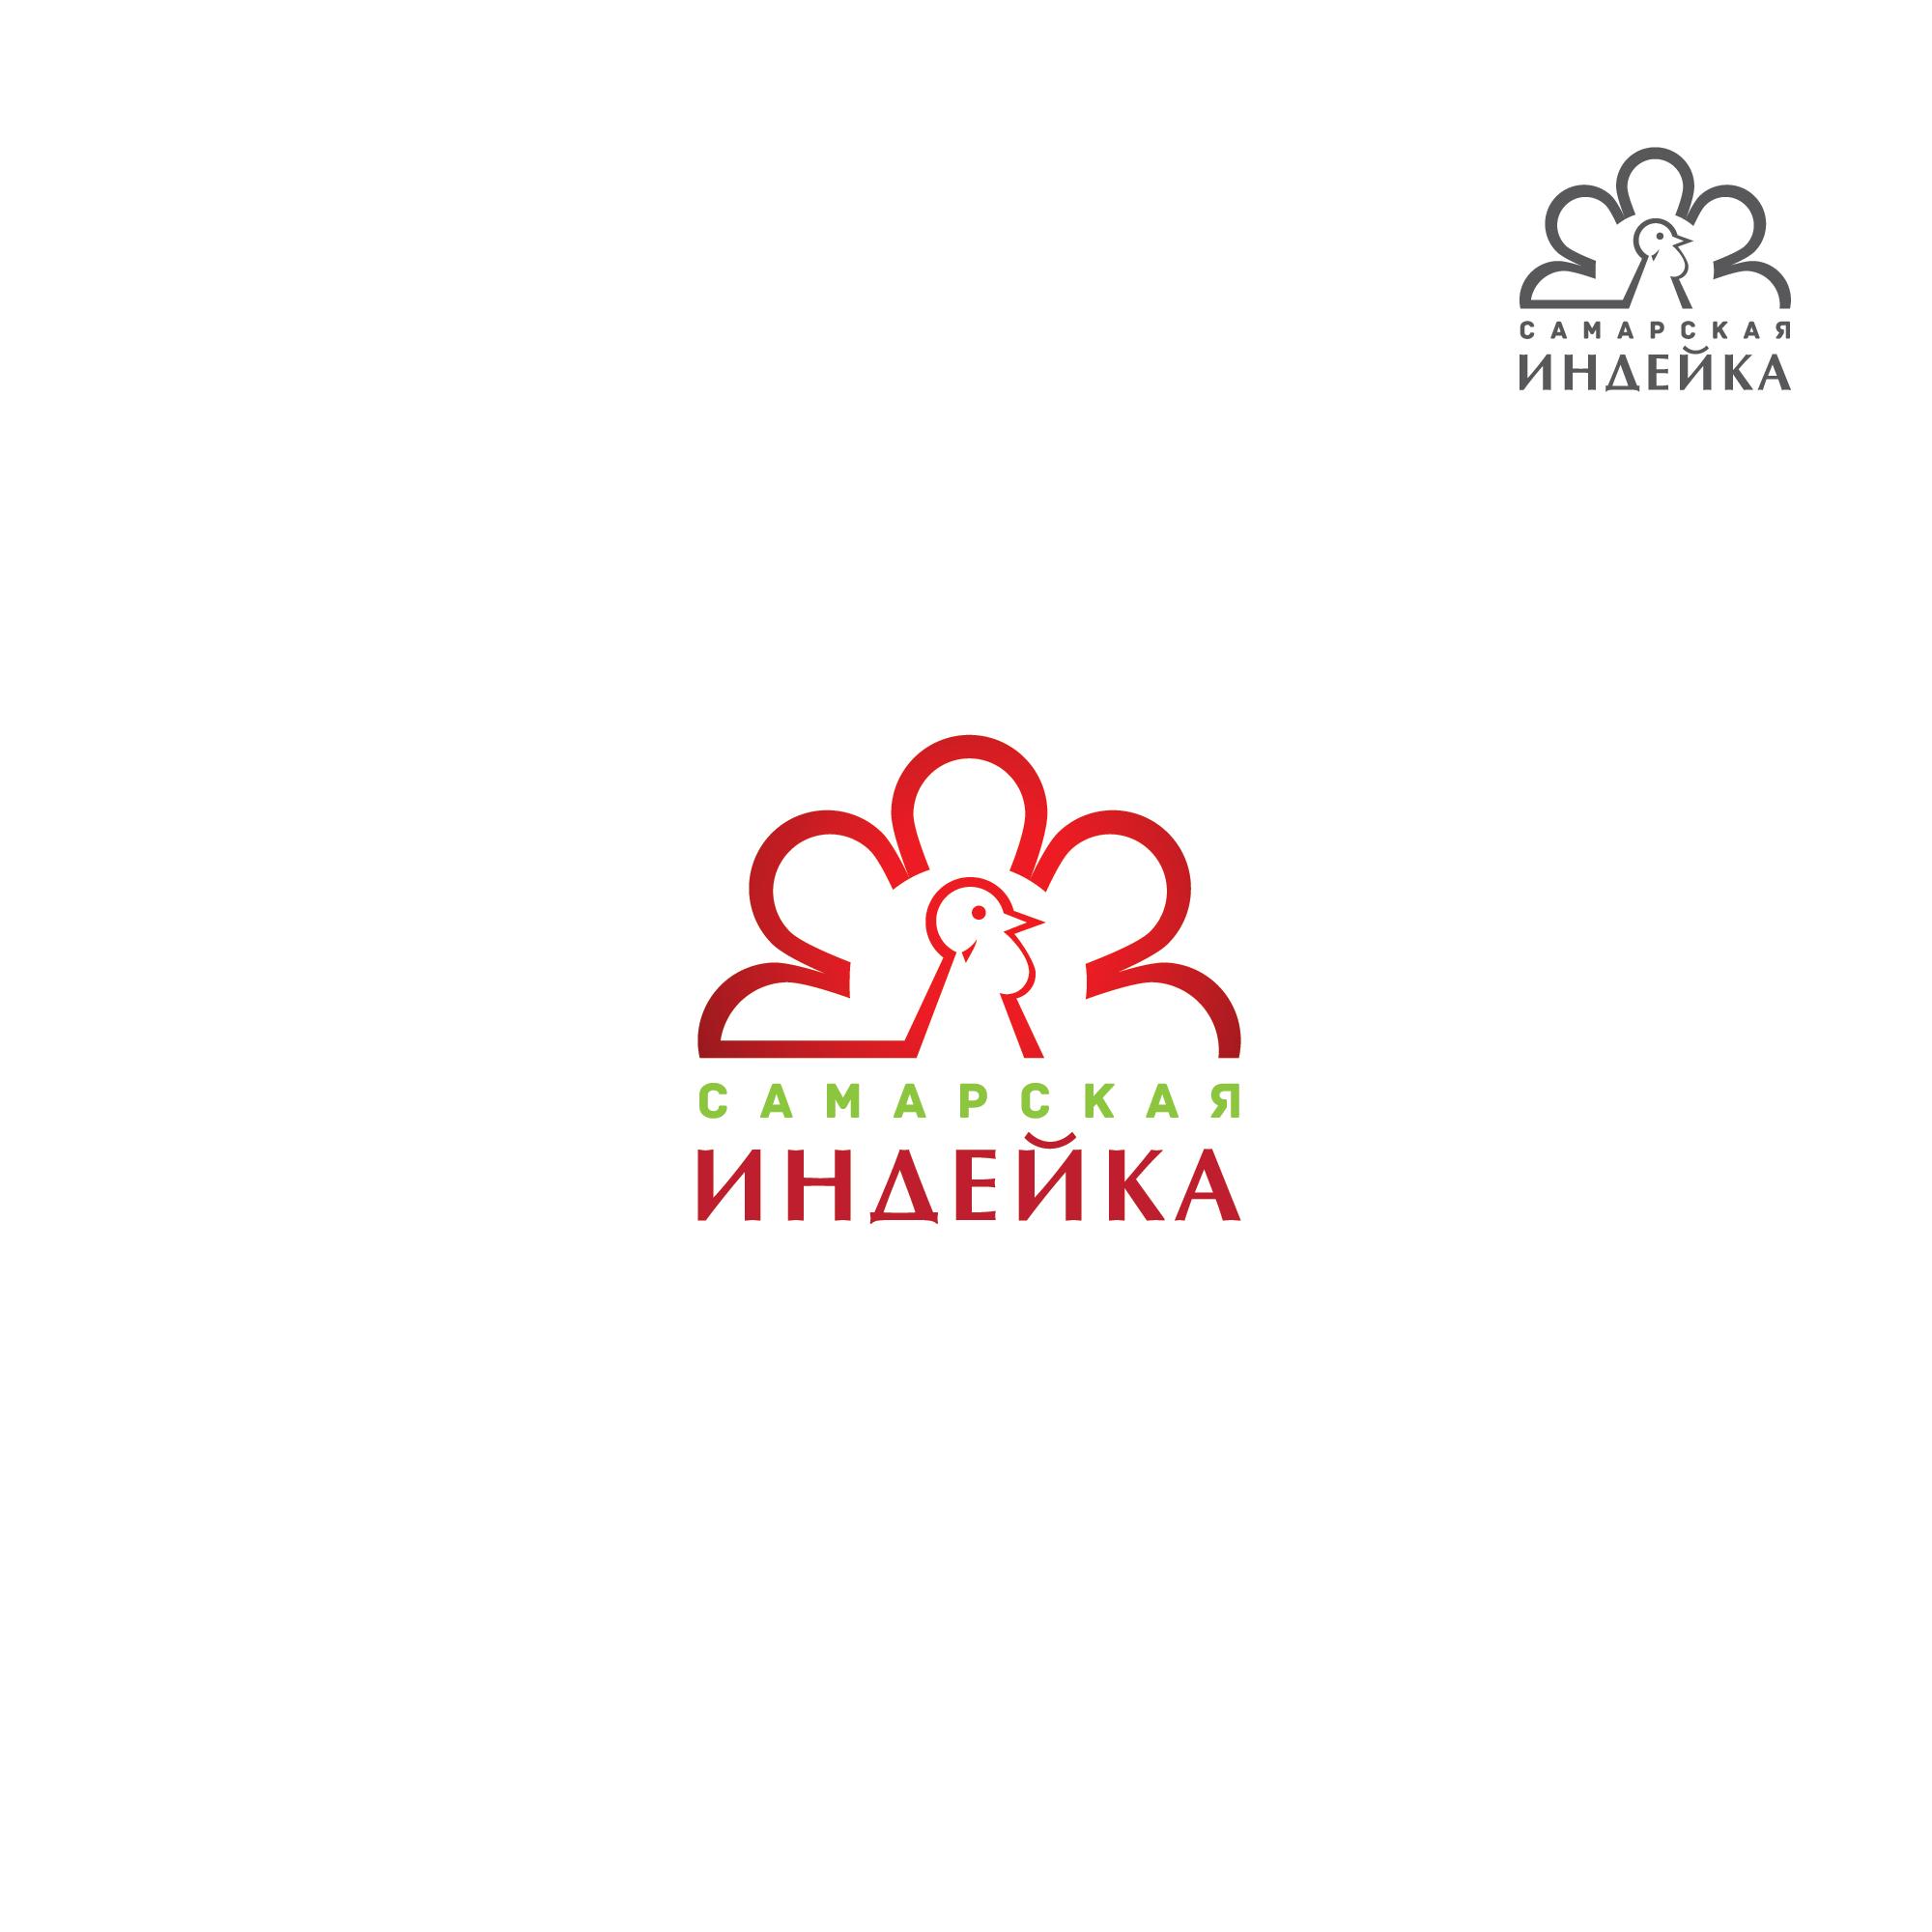 Создание логотипа Сельхоз производителя фото f_31855df56c0e2c95.png